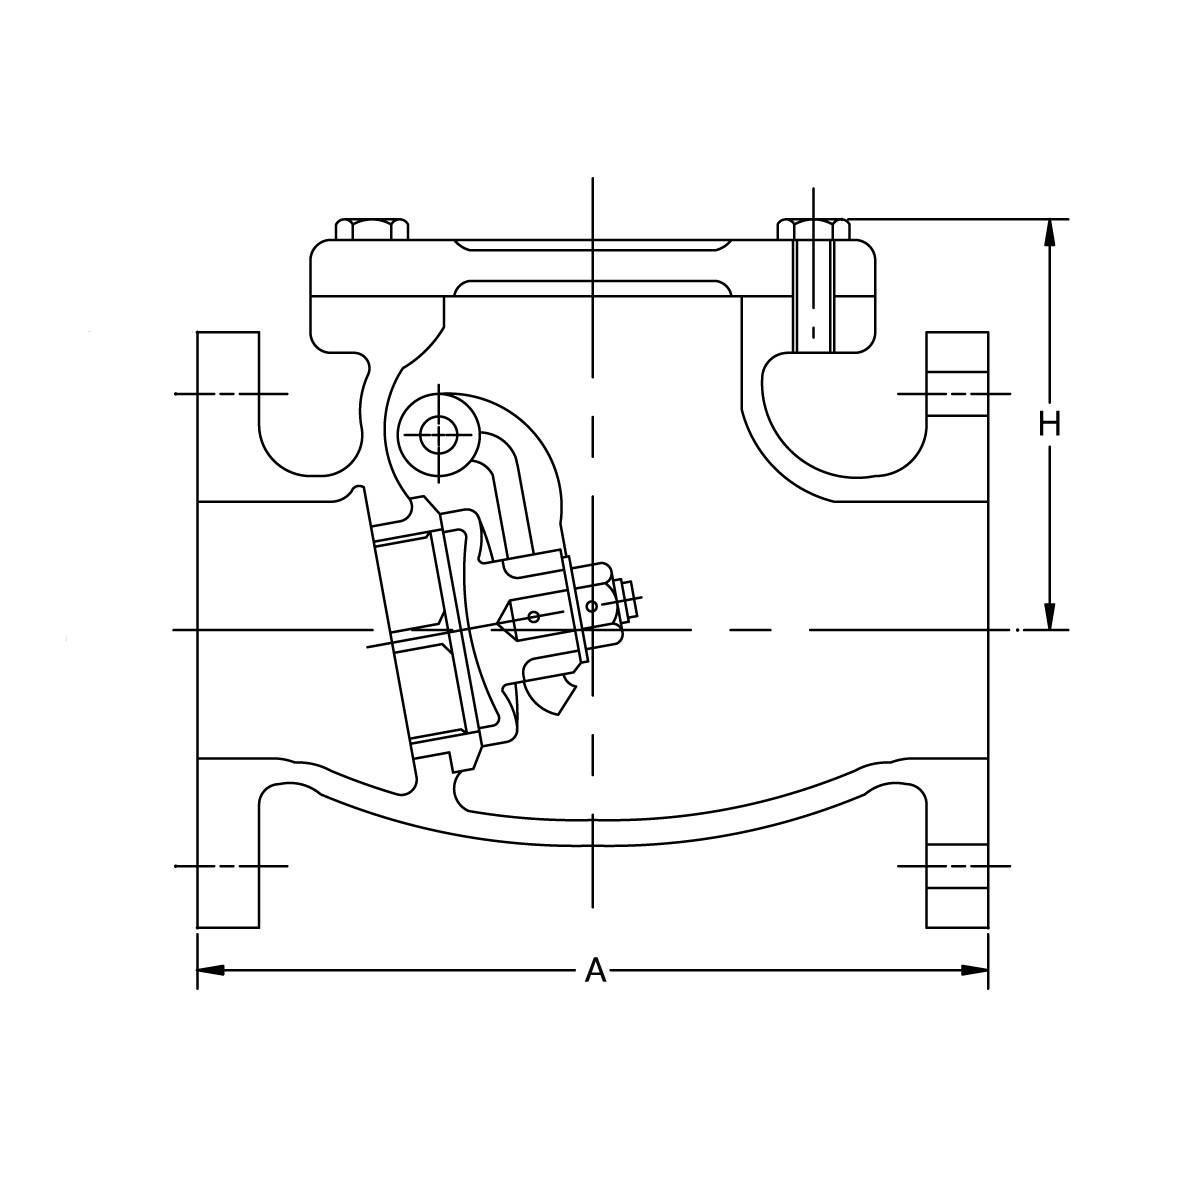 3940 - blueprint